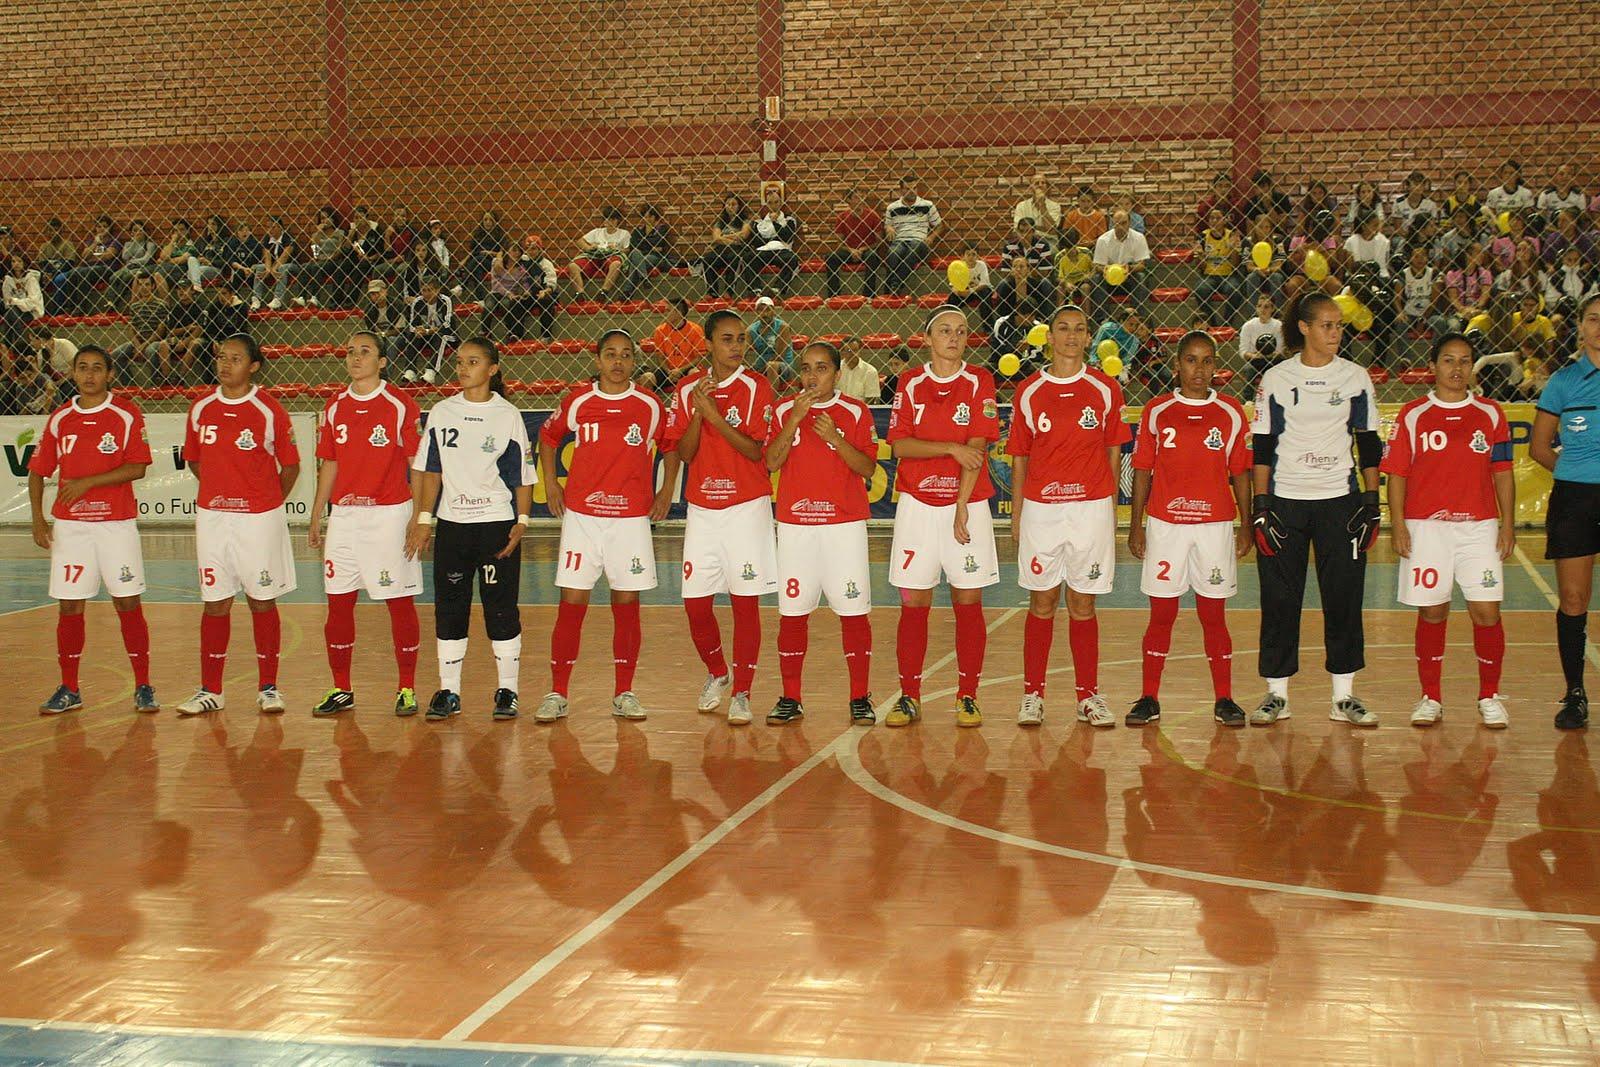 ca2287adcacd7 Associação Cultural Esportiva Kurdana - Cotia (SP)  Liga Futsal Feminina   entendam o desempenho da Kurdana Cotia na mais difícil competição do Brasil